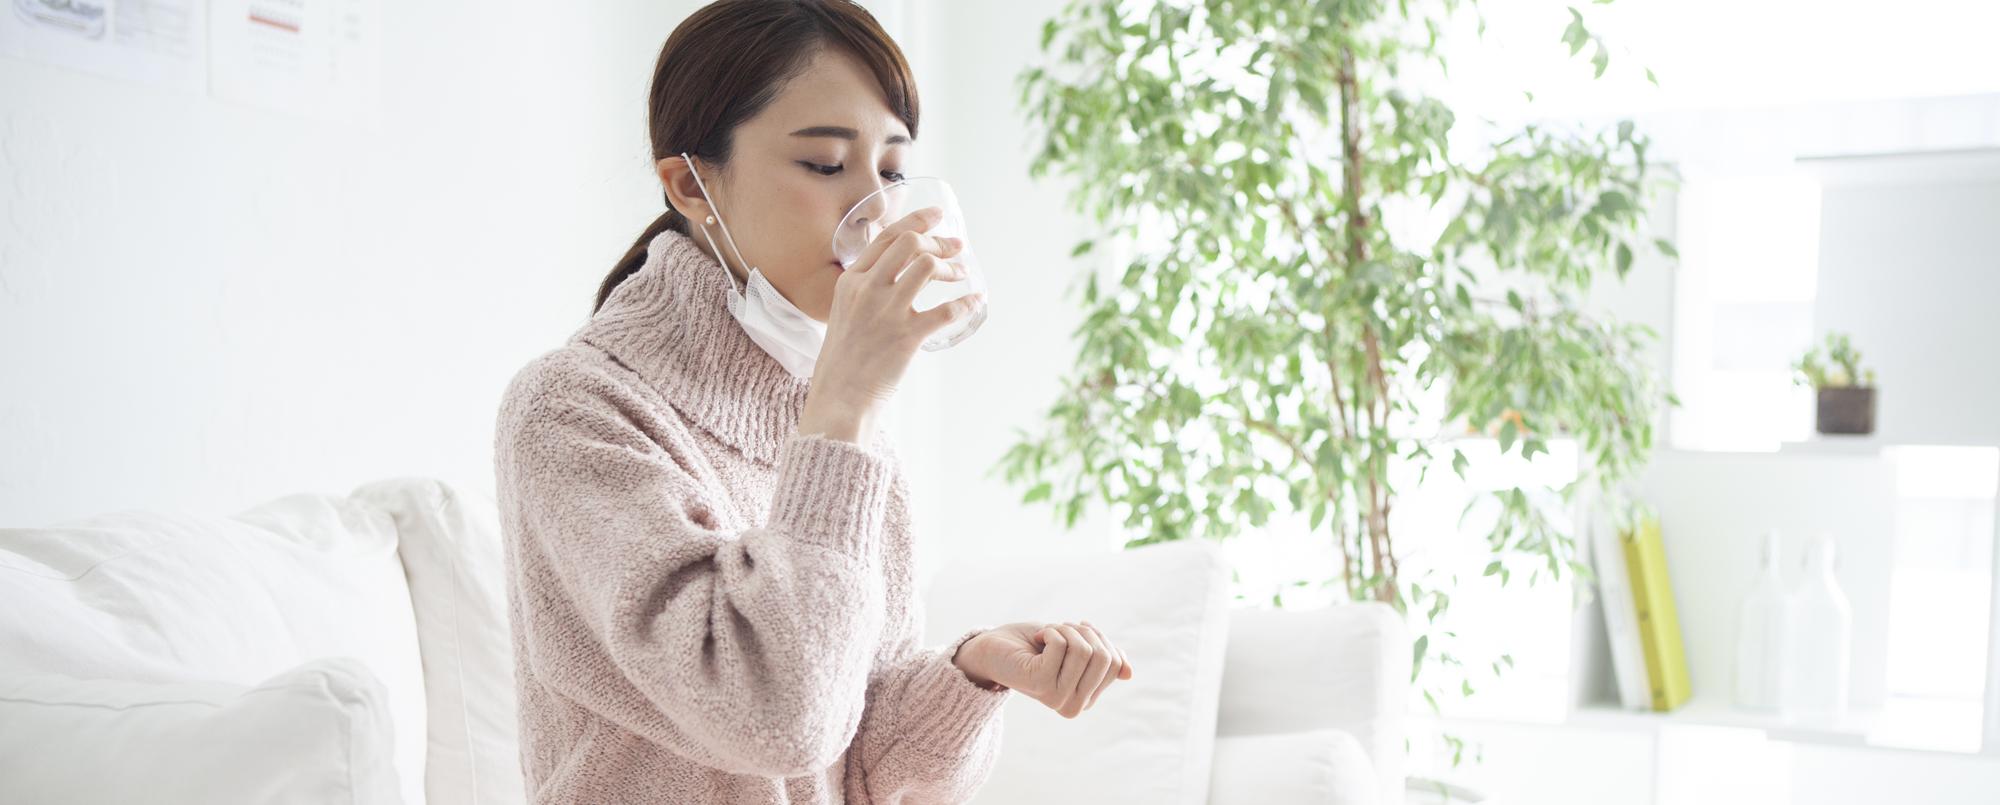 内科系疾患のお悩み|泉大沢ファミリークリニック